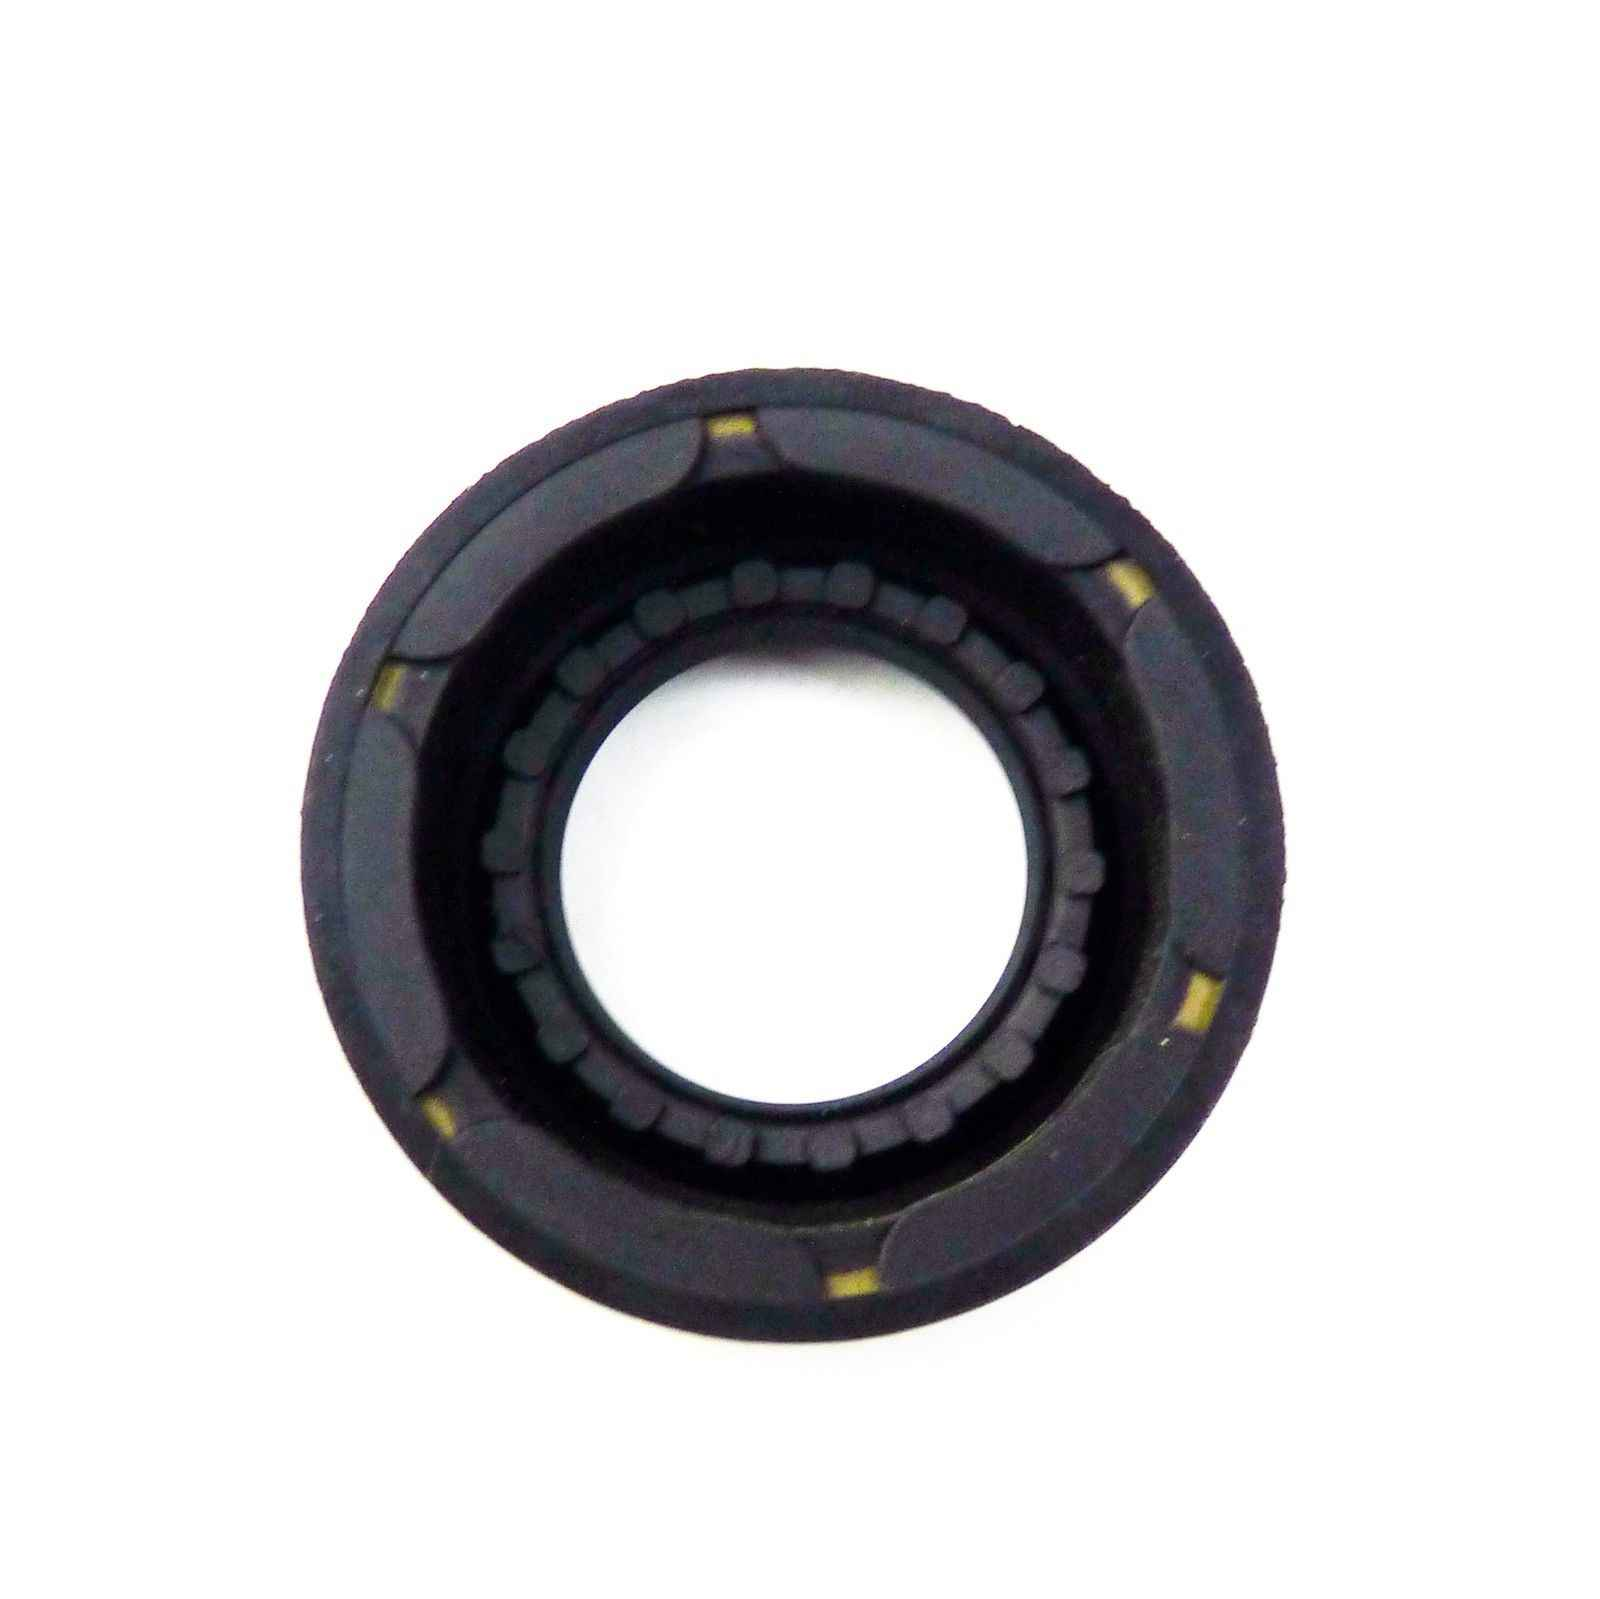 WOLFIGO Eccentric Shaft Sensor Seal Valve Cover Gasket 11127559699  11127528242 for BMW 328i 323i 528i X3 X5 Z4 128i